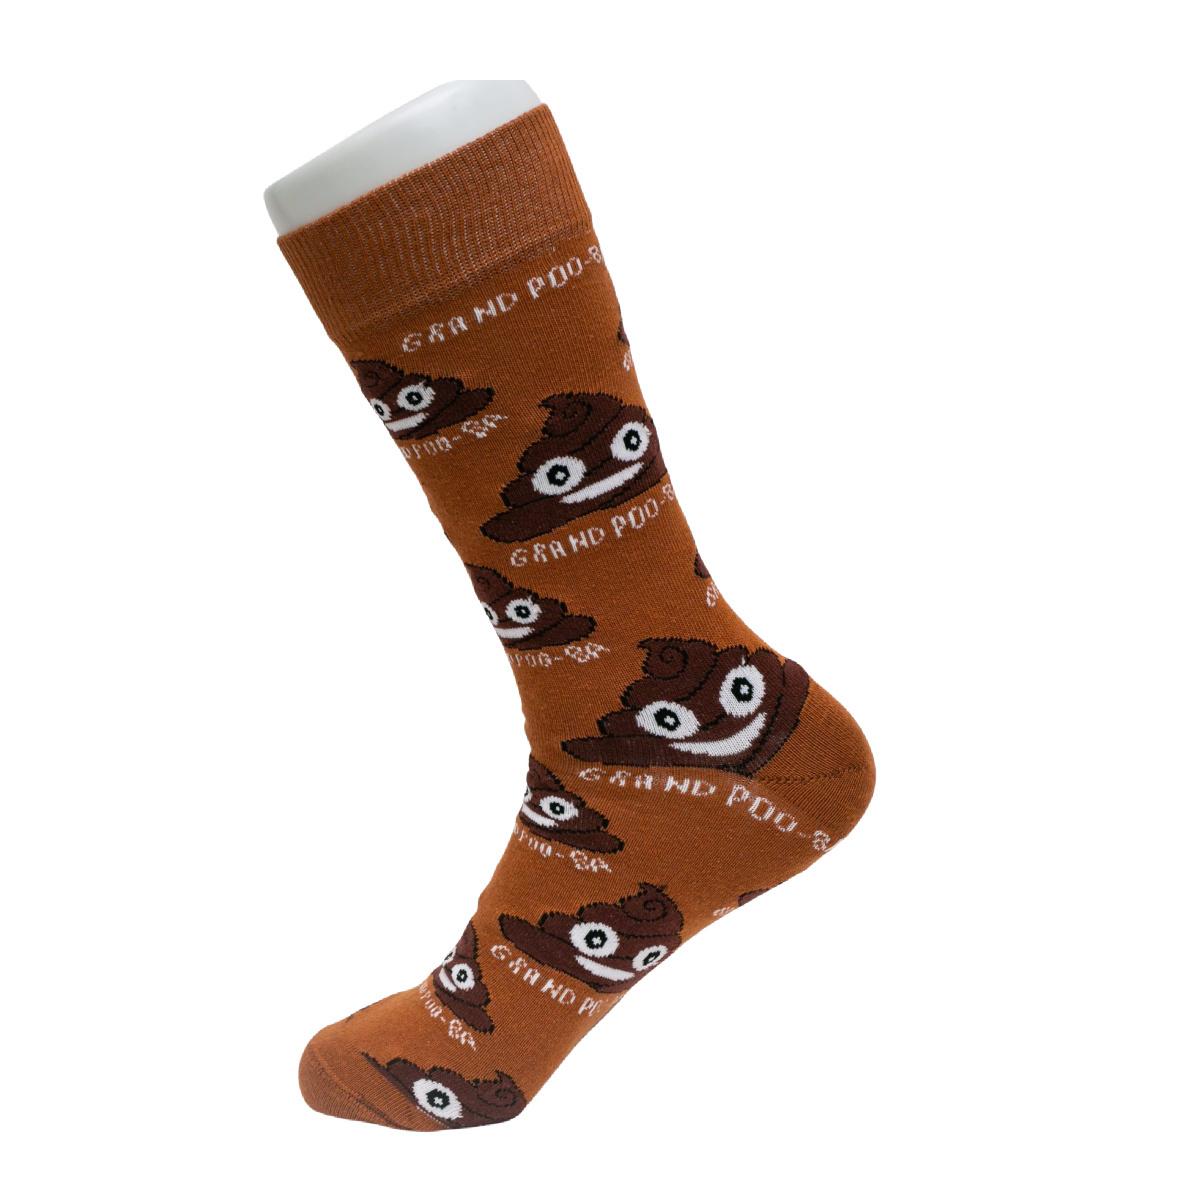 Socks Atomica Socks Atomica The Grand Poo-Ba